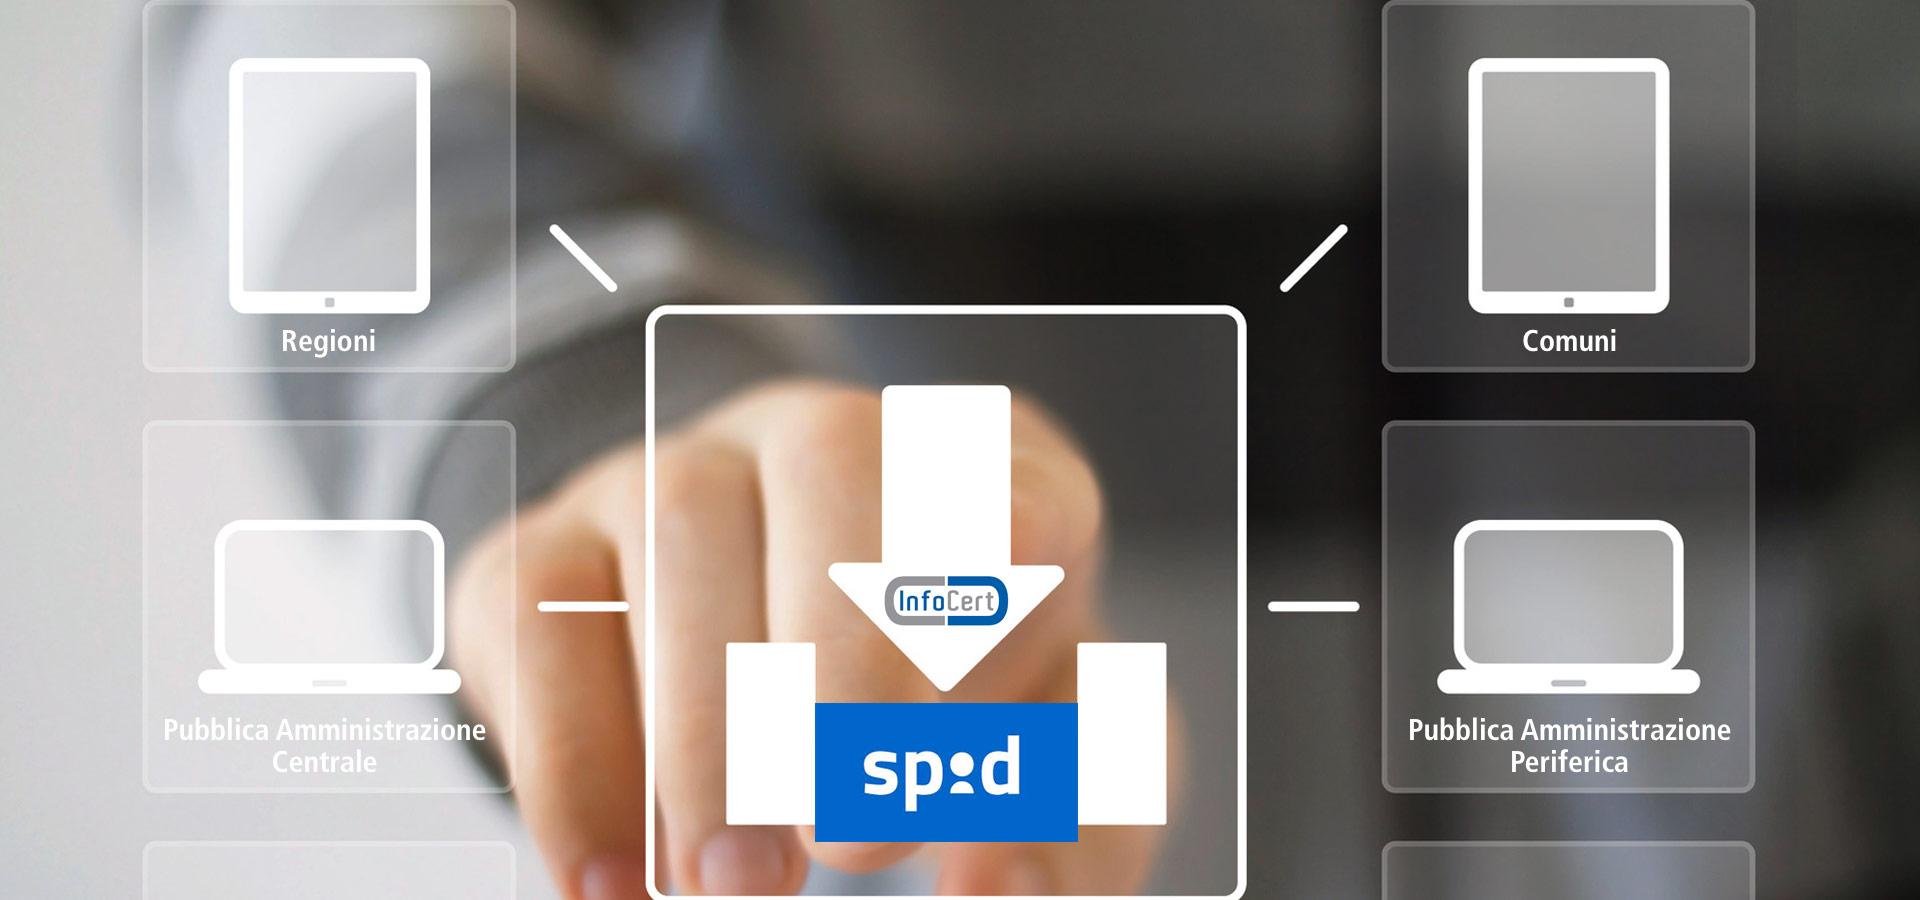 Studio Franco - SPID Infocert